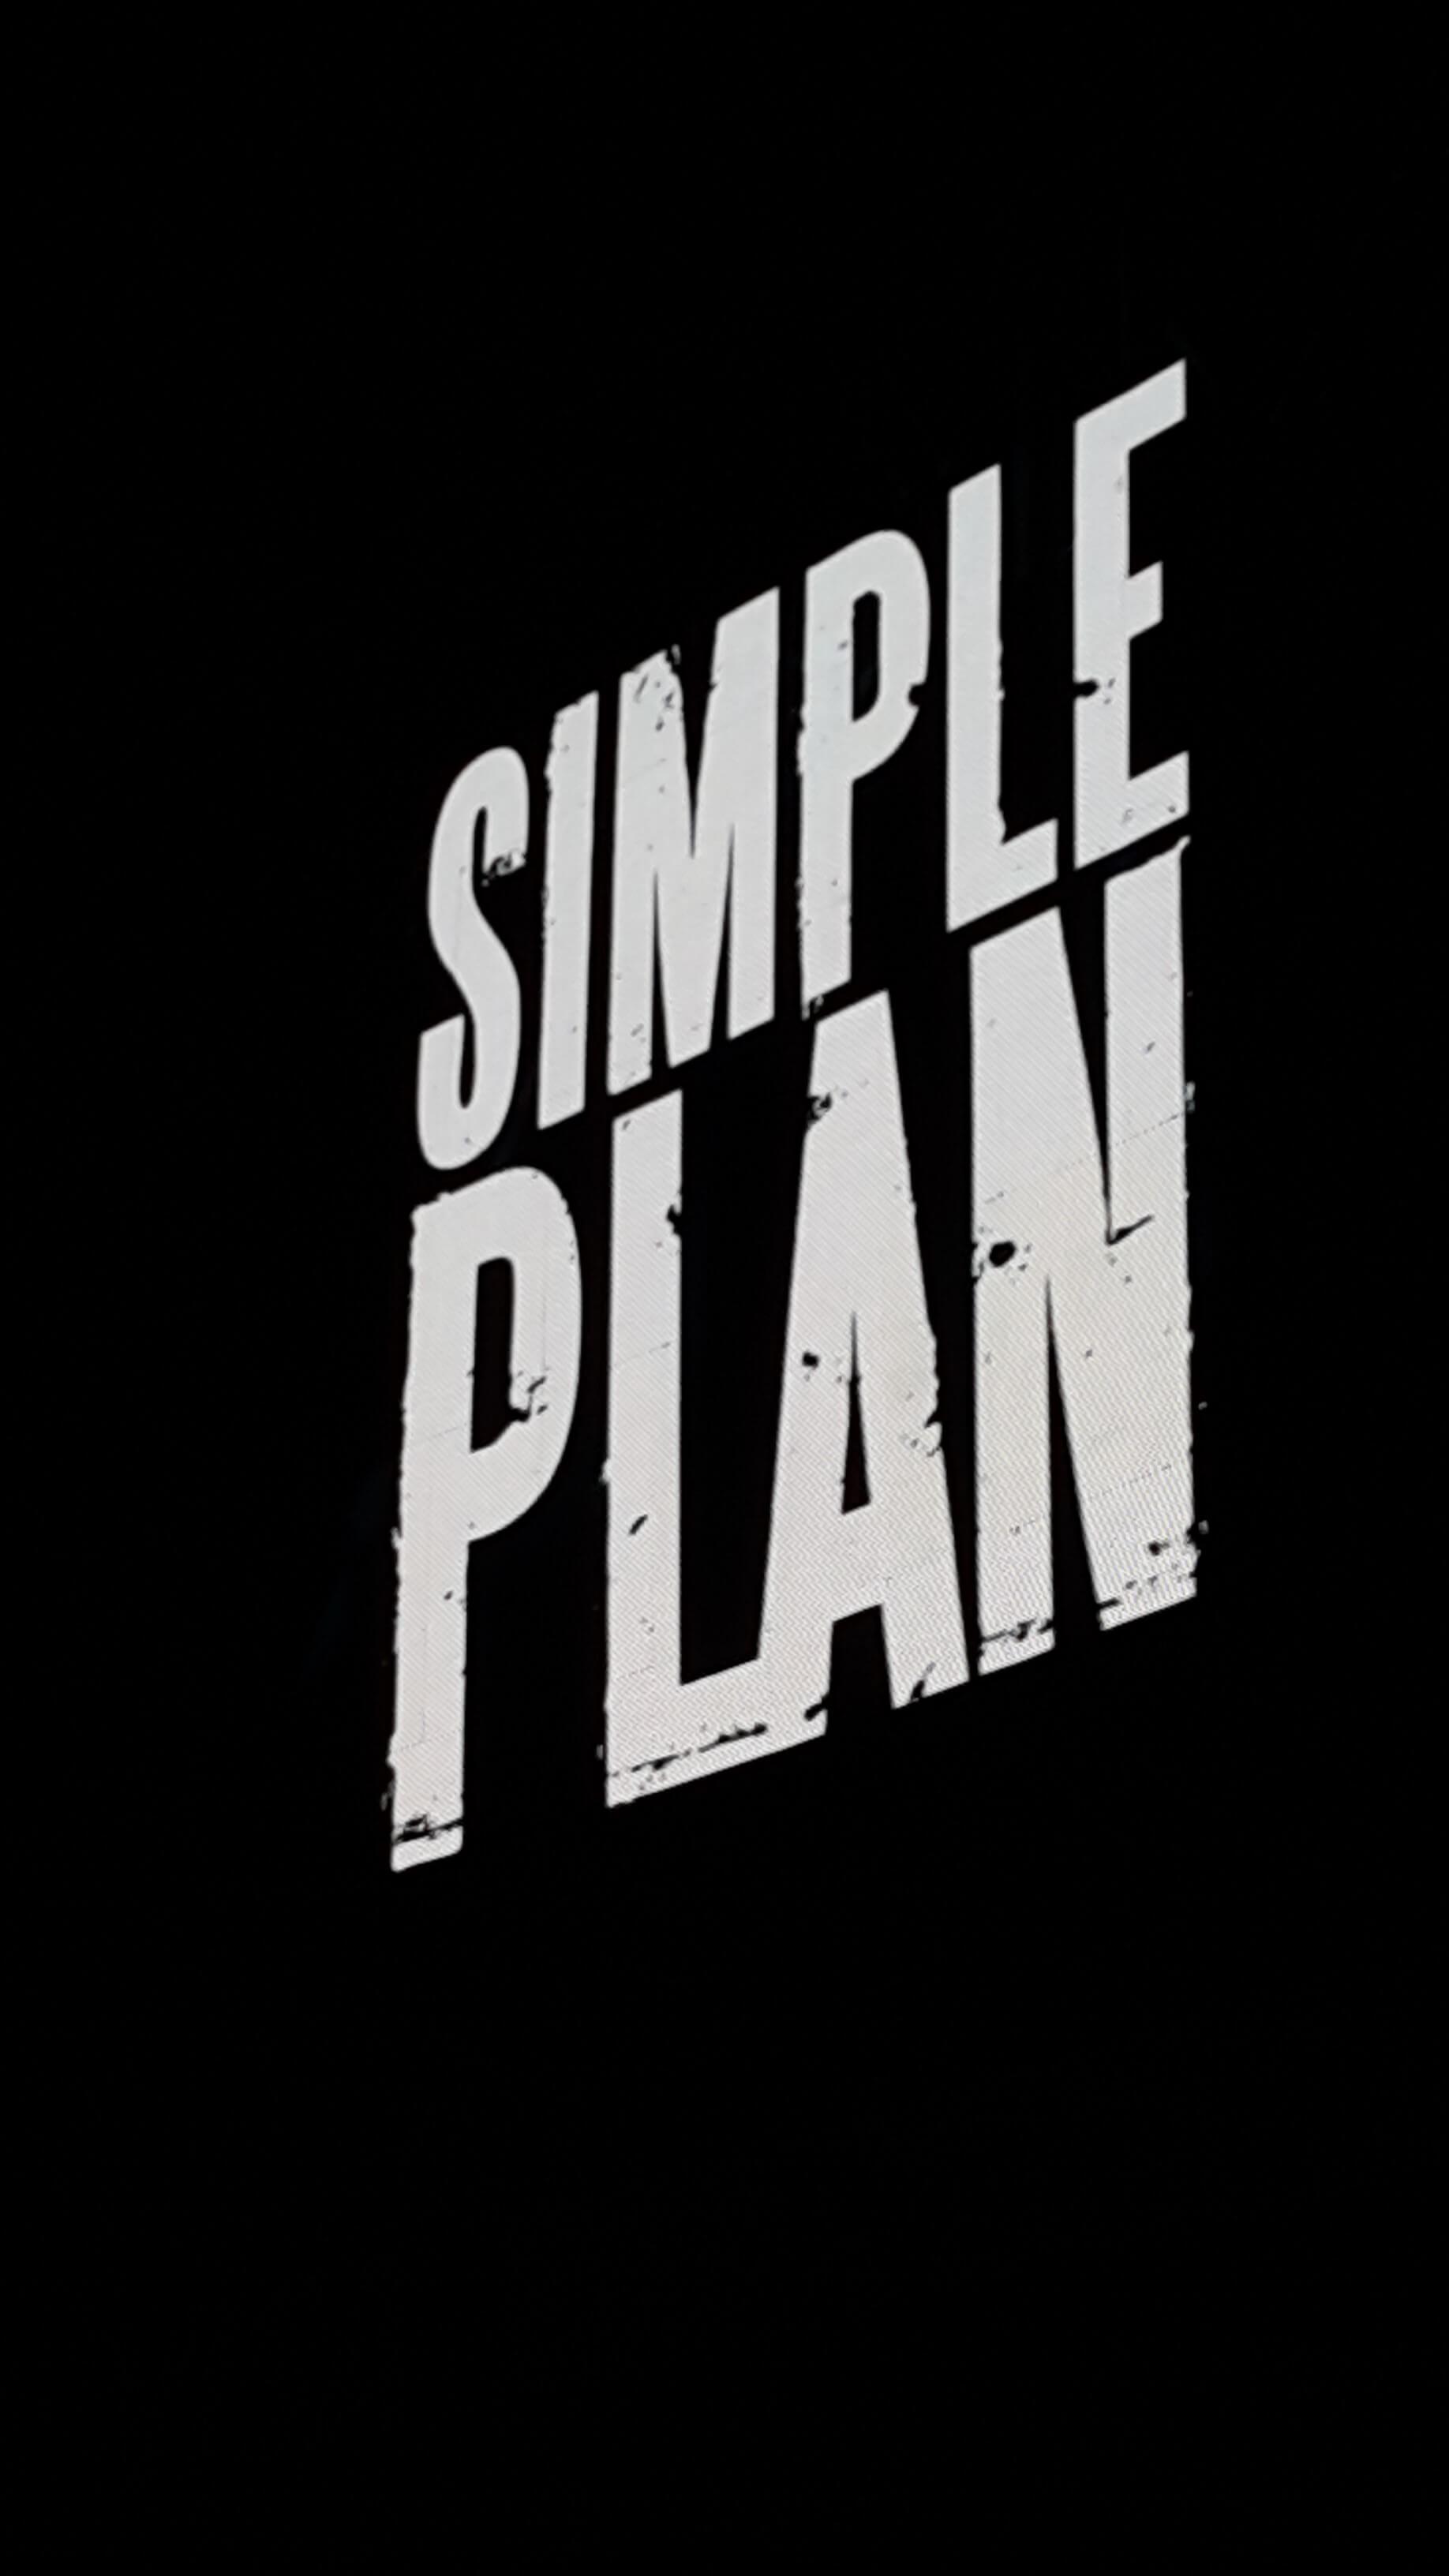 linkin park & simple plan il cuore oltre la fama Linkin Park & Simple Plan il cuore oltre la fama 20150906 203047